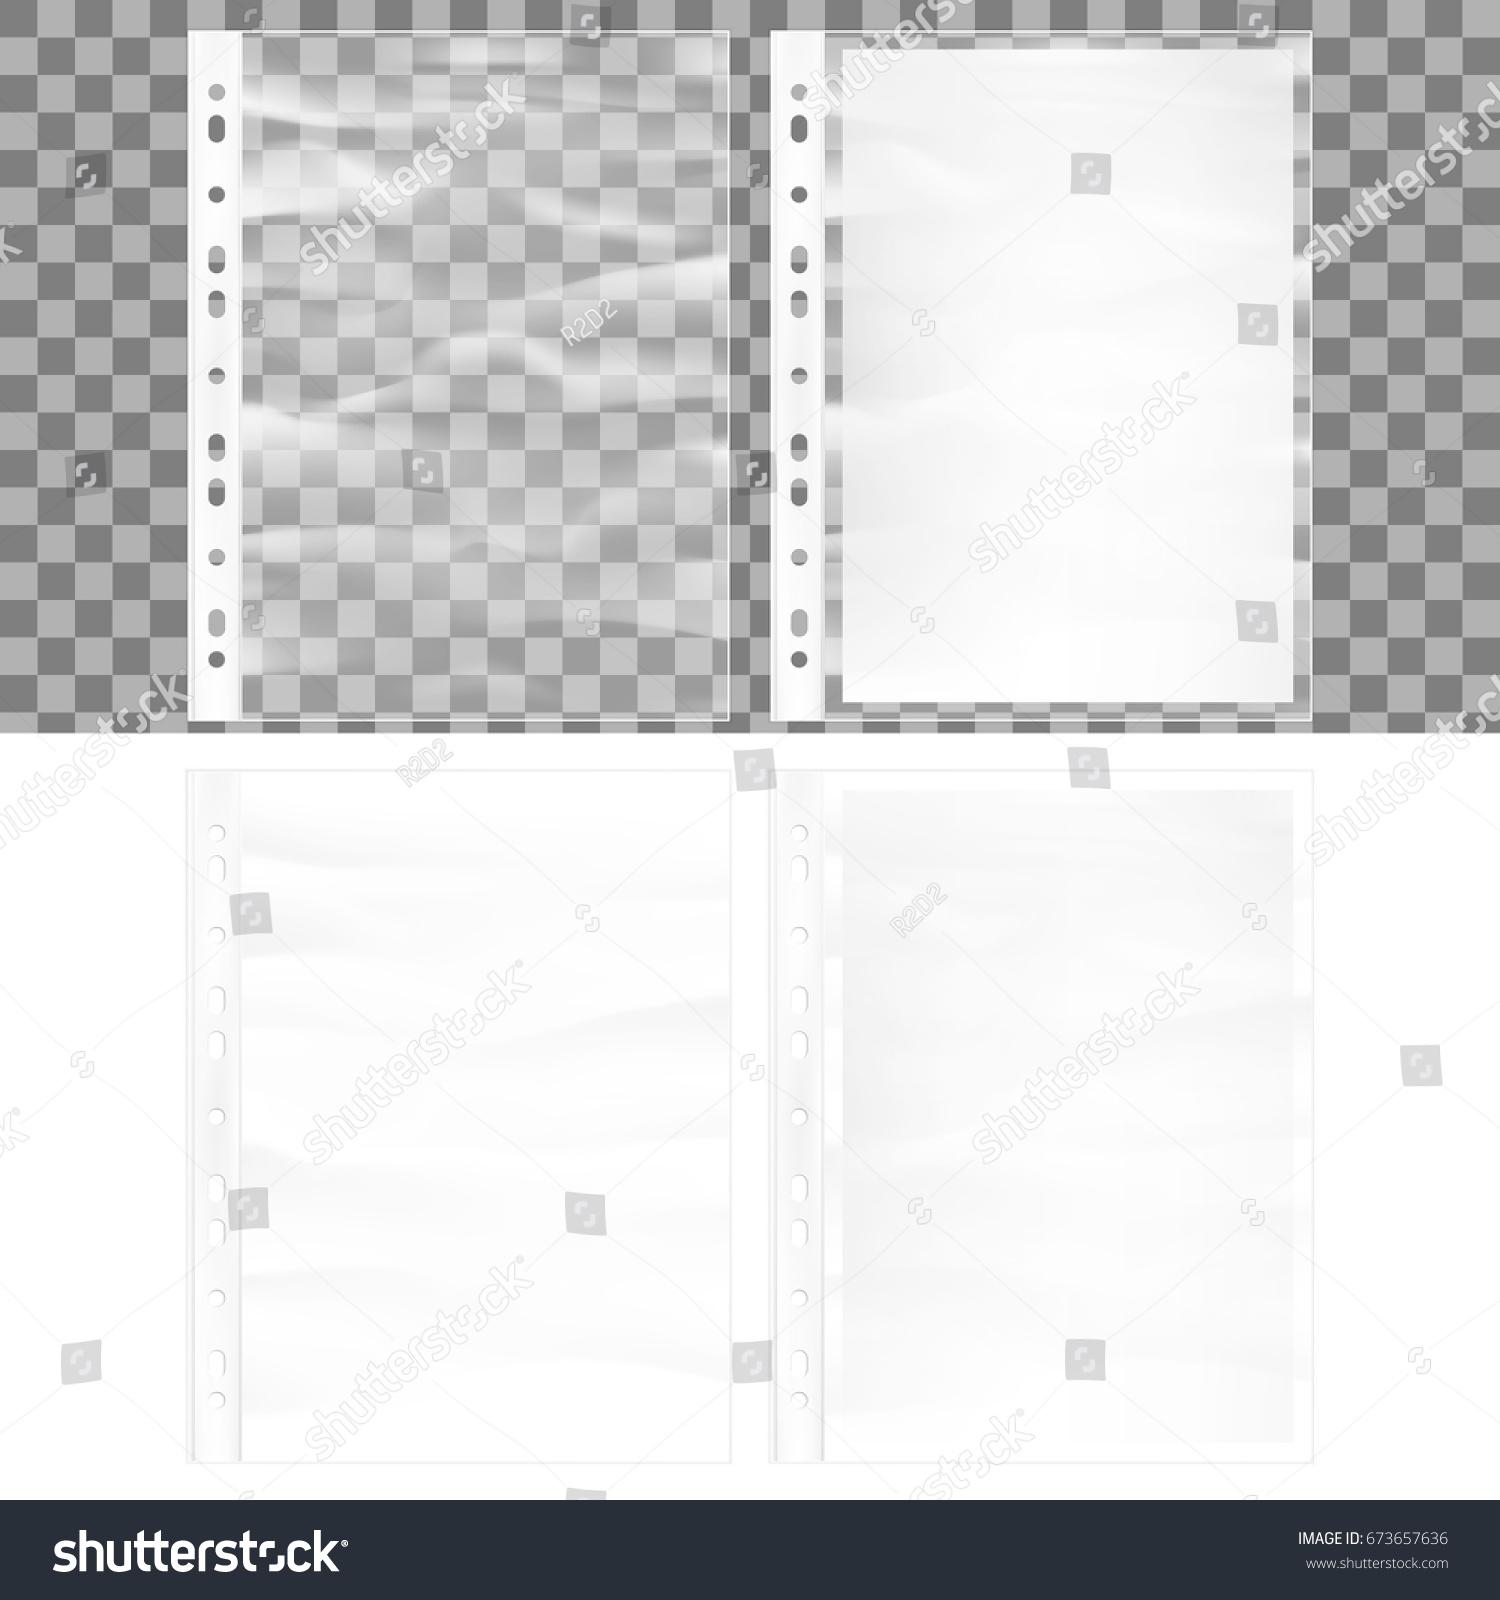 Illustration Cellophane Business Form Pocket Mock Vector – Business Form